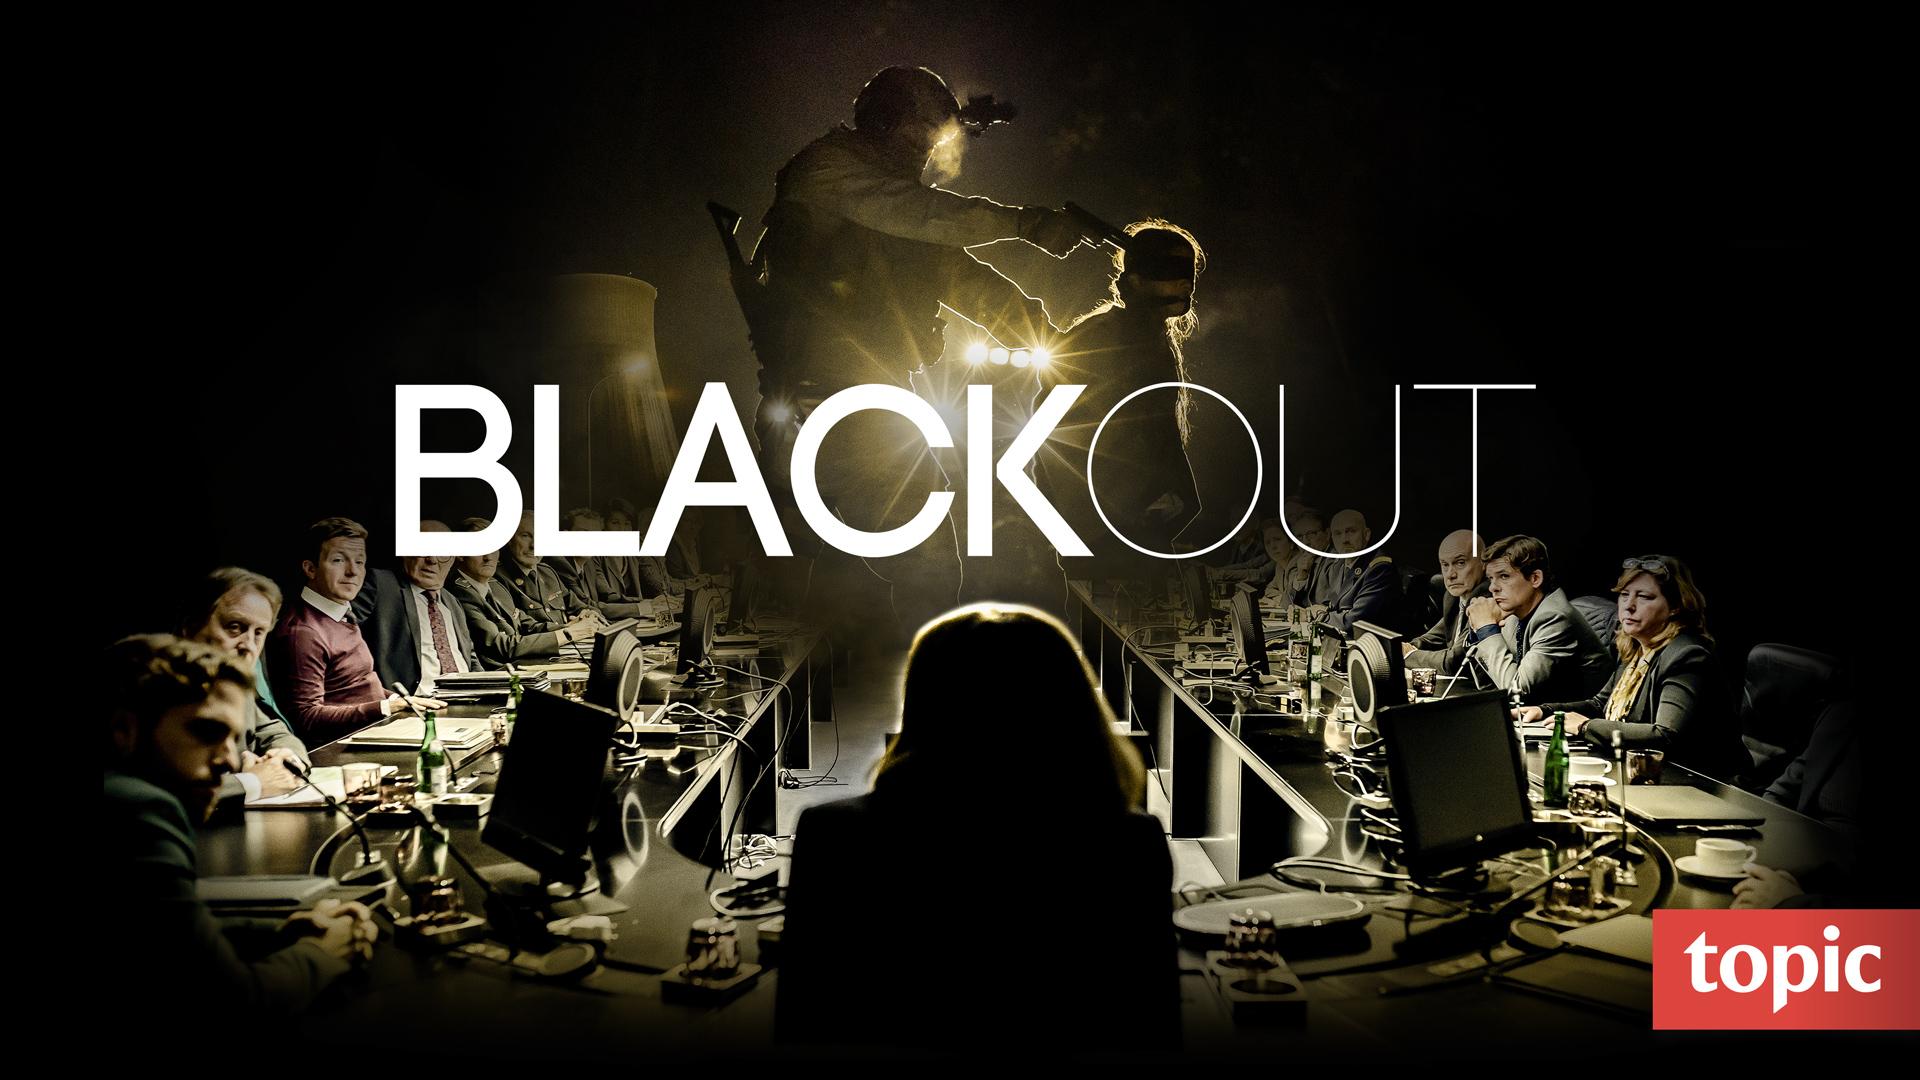 Blackout Season 1